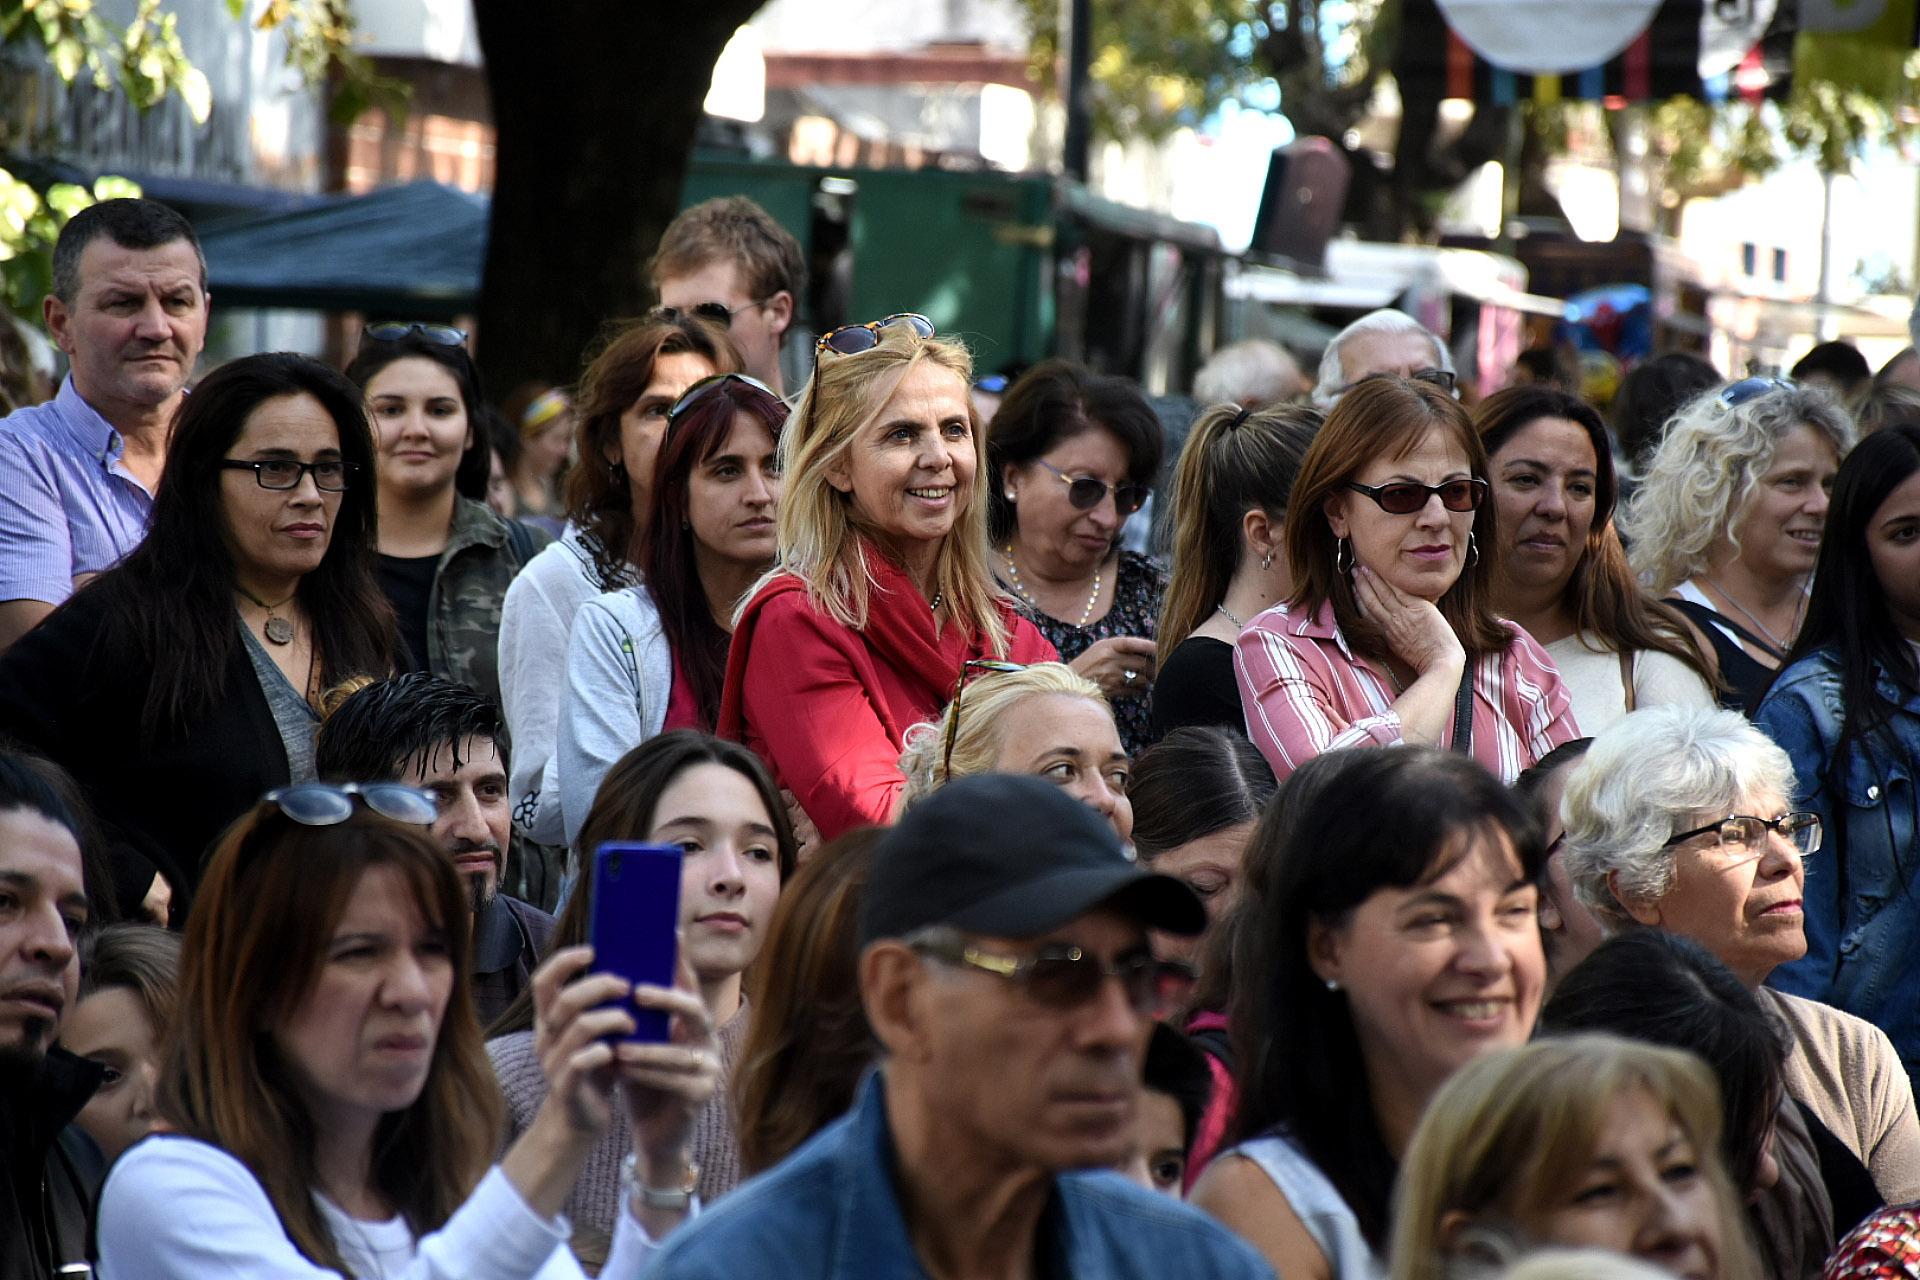 Cuando Maru Botana dio comienzo a su charla en el Escenario Montenegro se llenó de gente que la escucharon atentamente. Compartió recetas para pascuas, tips para cocinar el famoso merengue italiano y cómo hacer una masa hojaldrada